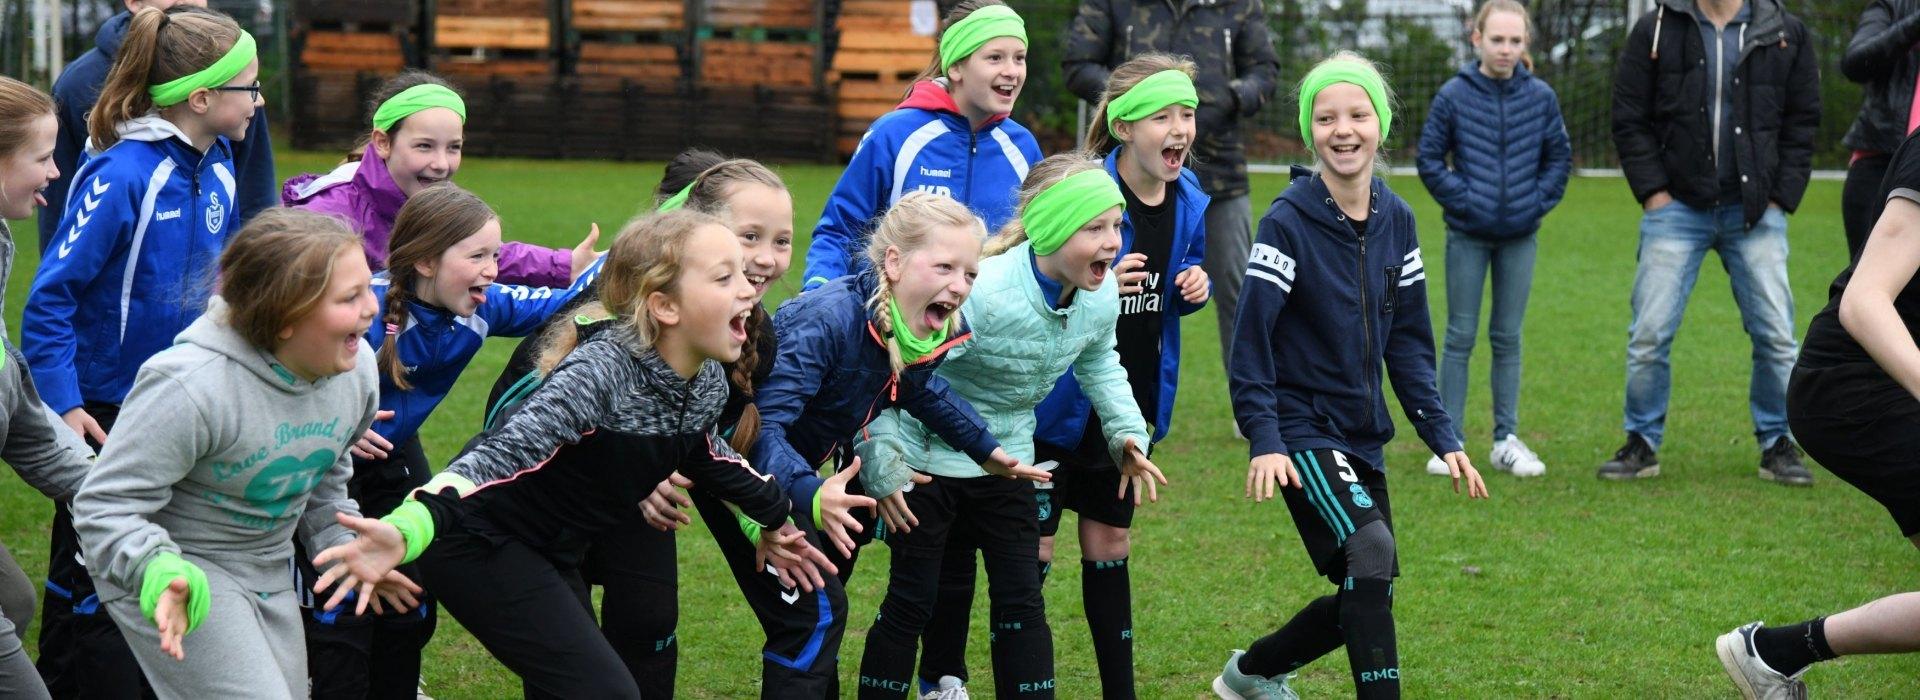 Inschrijving Voetbalkamp 2019 geopend